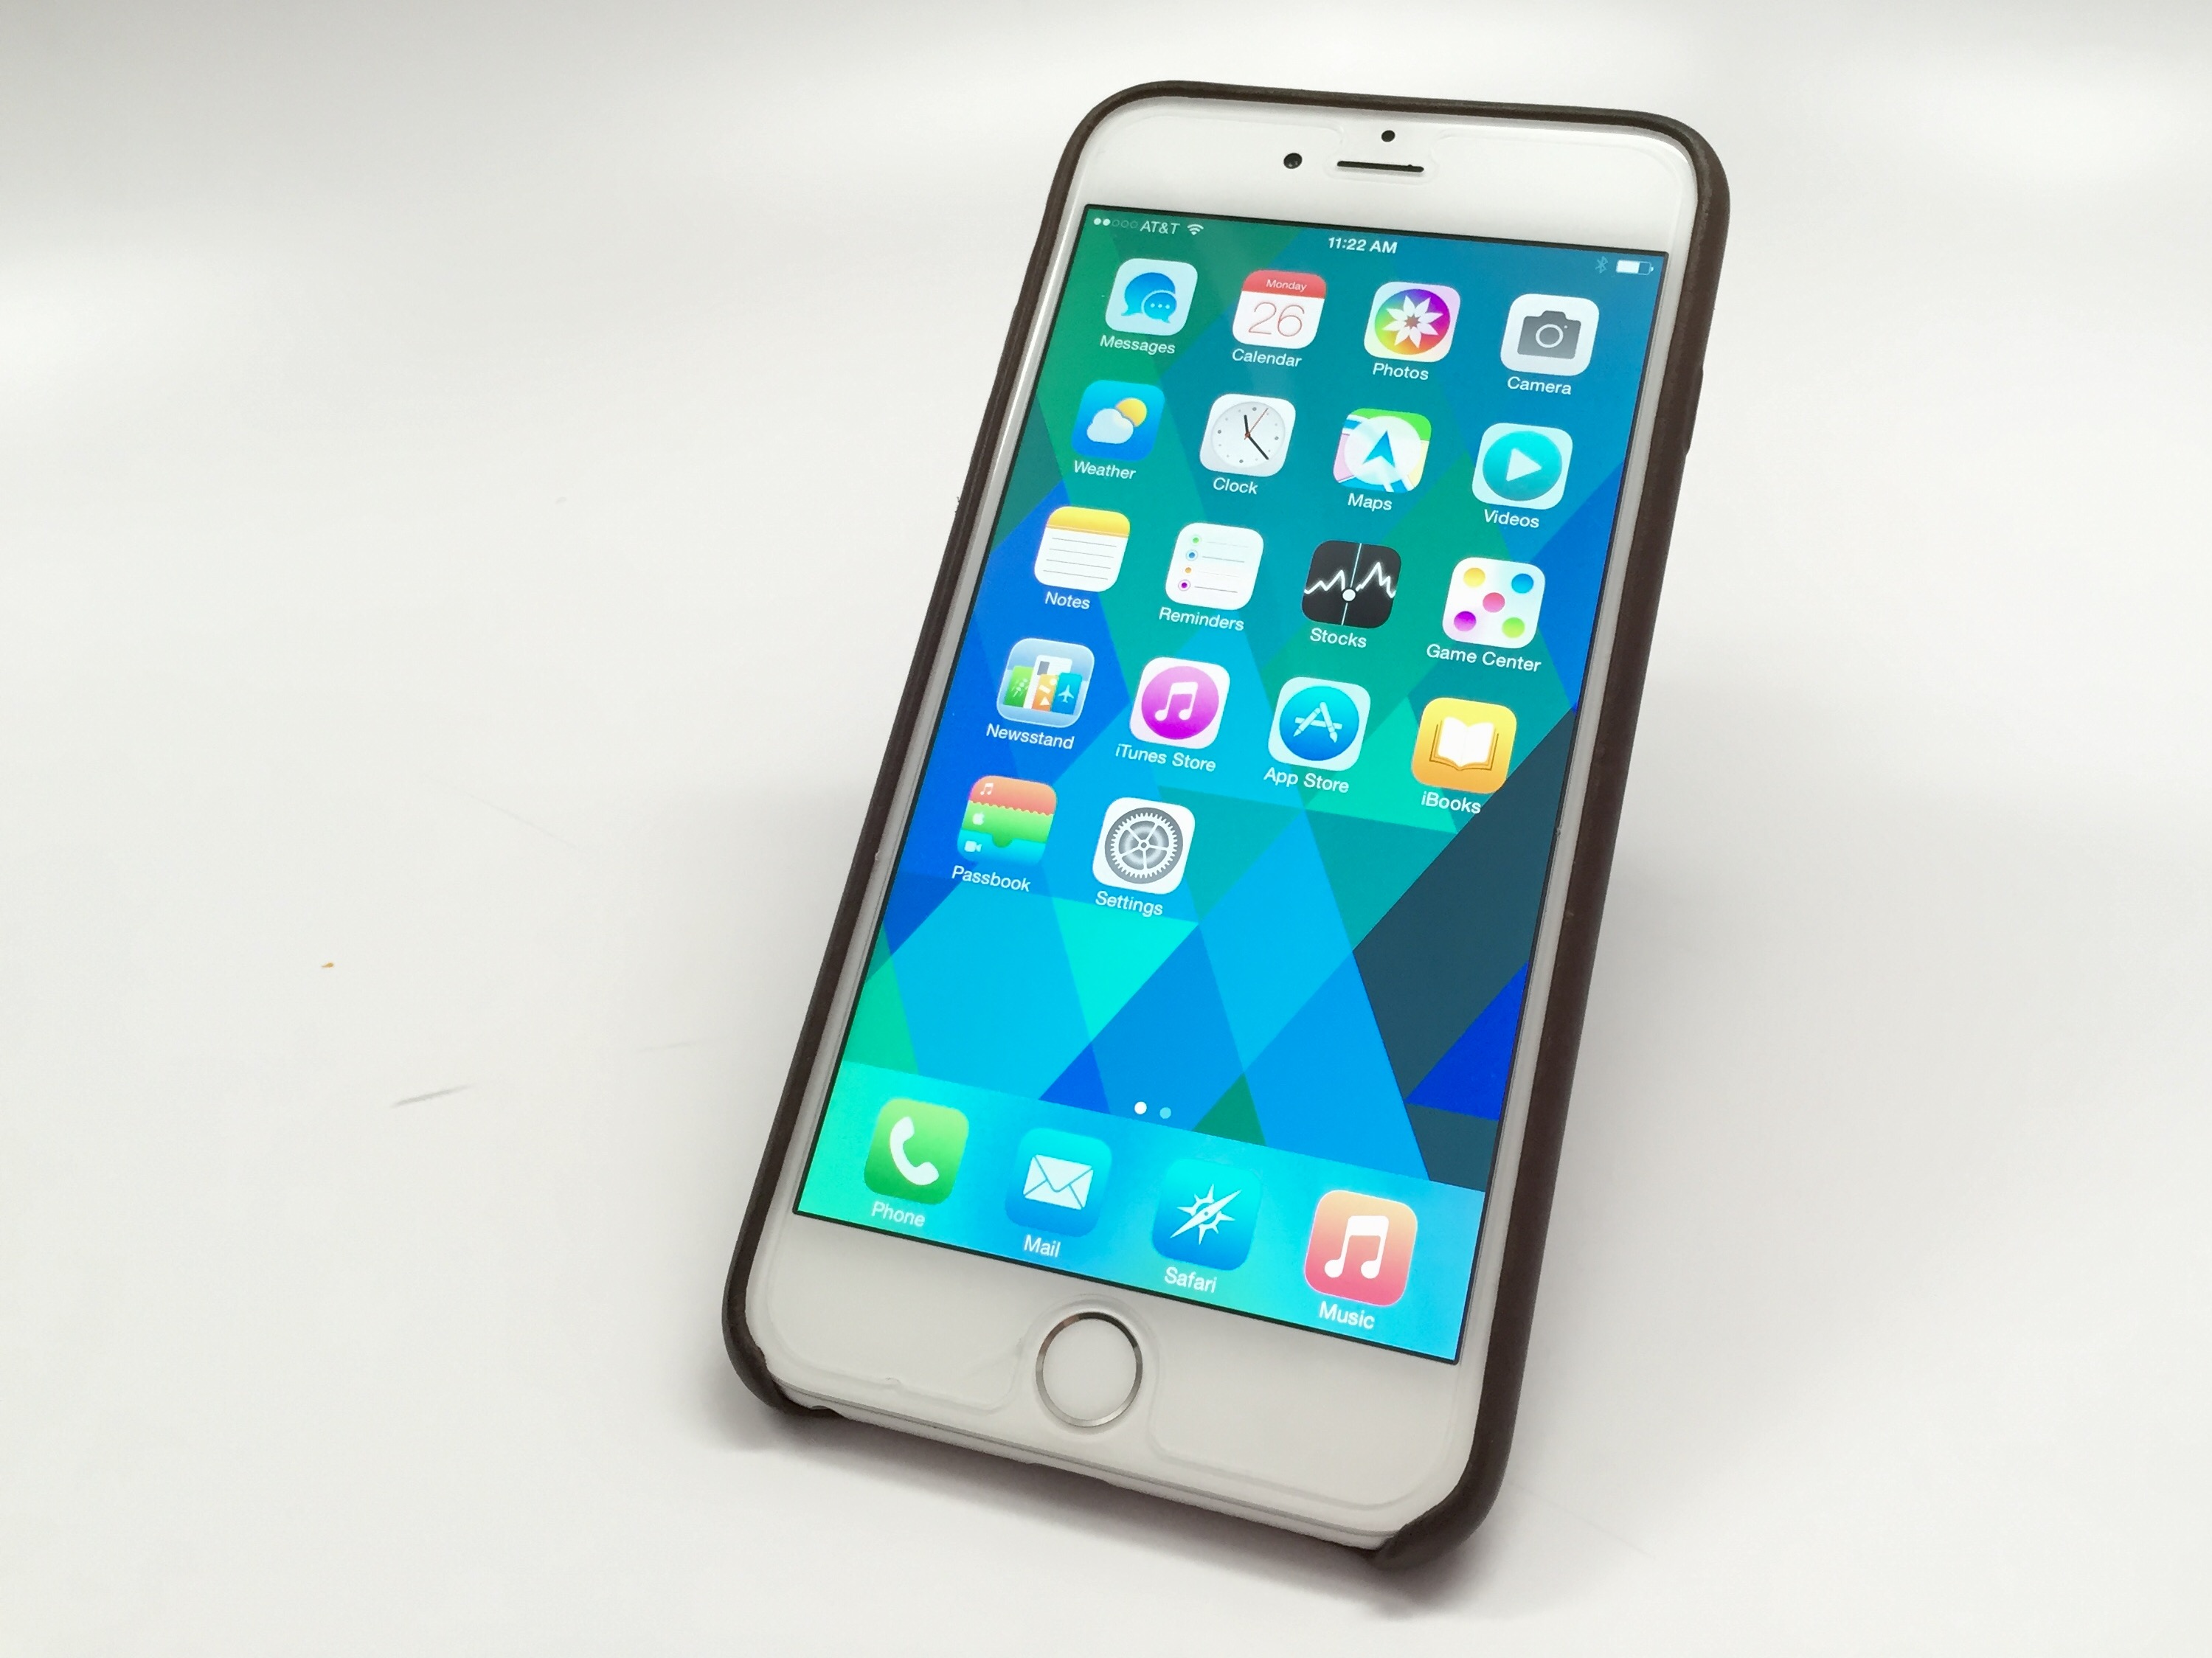 iOS 9-teman